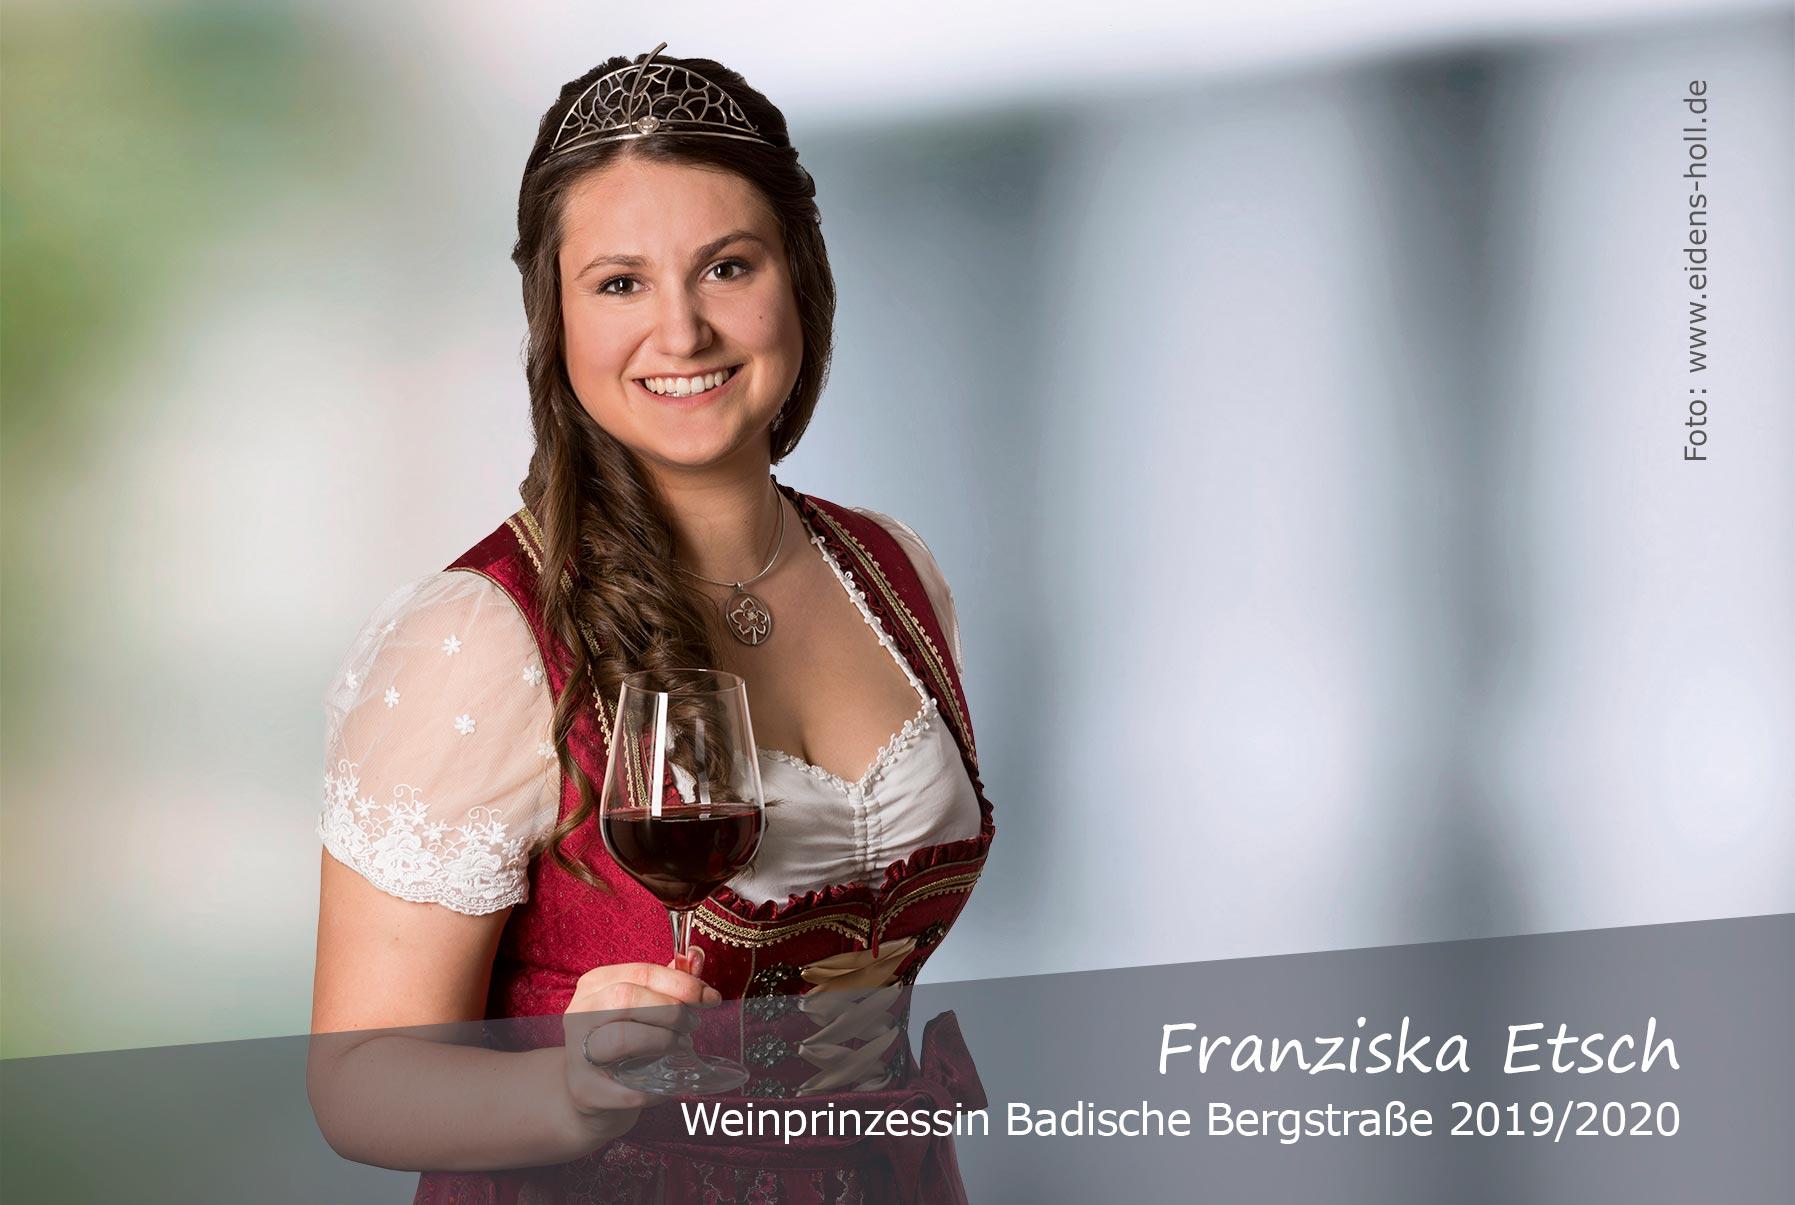 Franziska-Etsch-Weinprinzessin